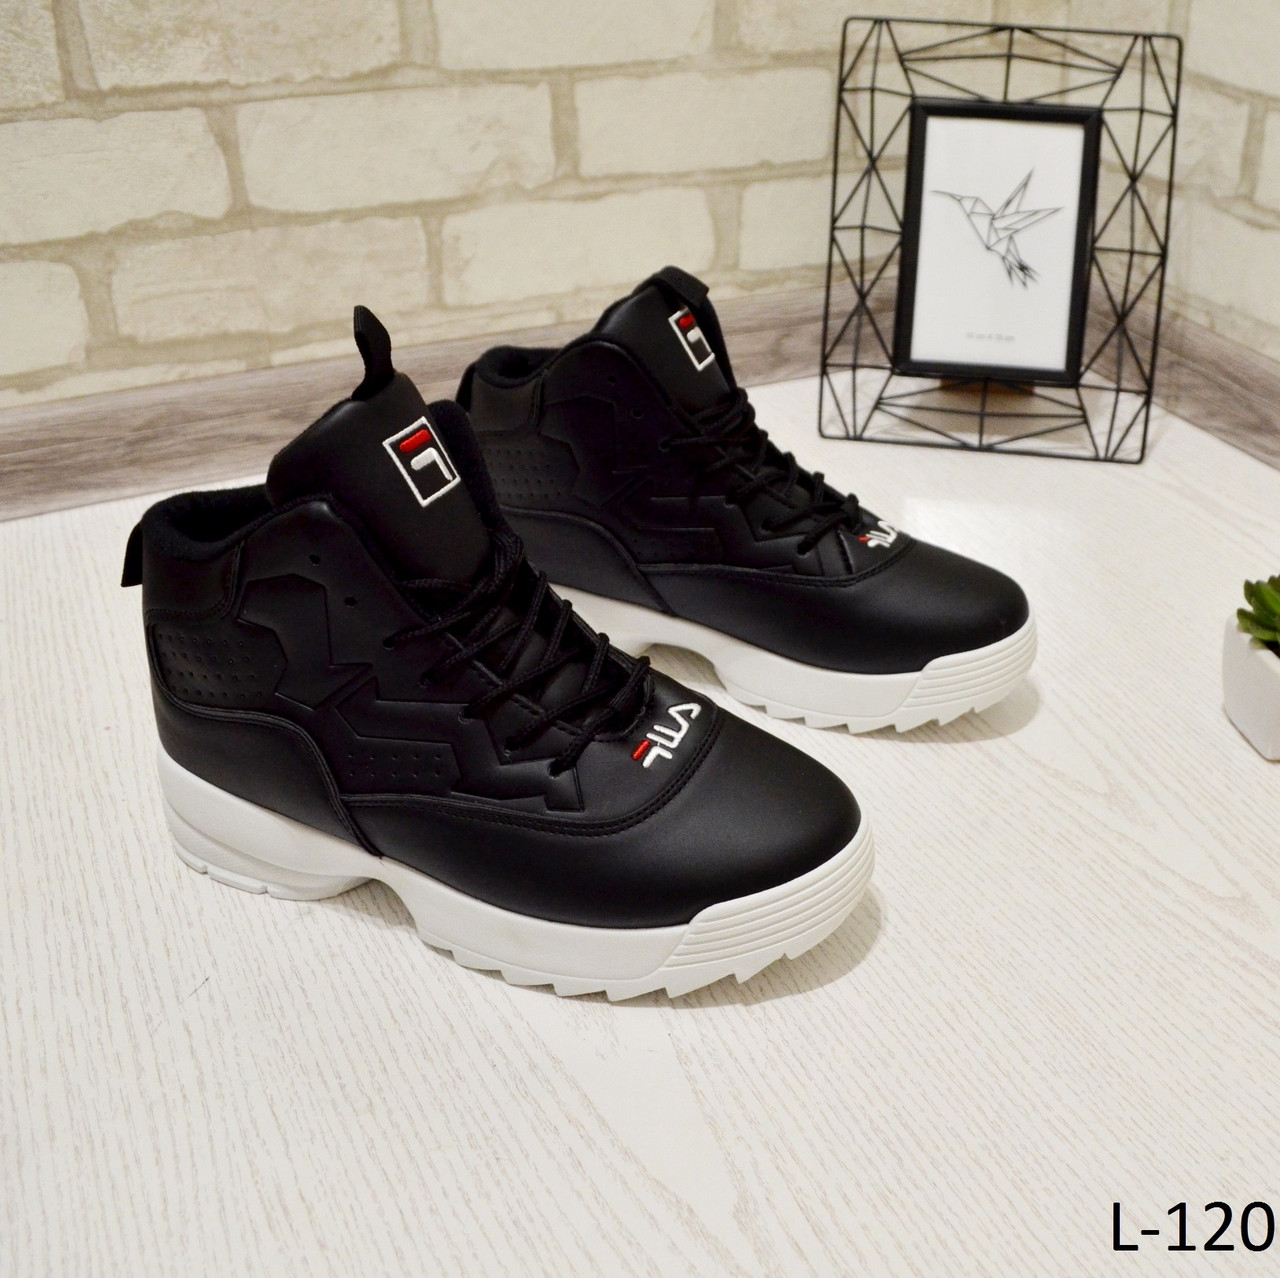 b77176c9b Кроссовки высокие зимние, черные на белой подошве, женская зимняя обувь -  Интернет-магазин